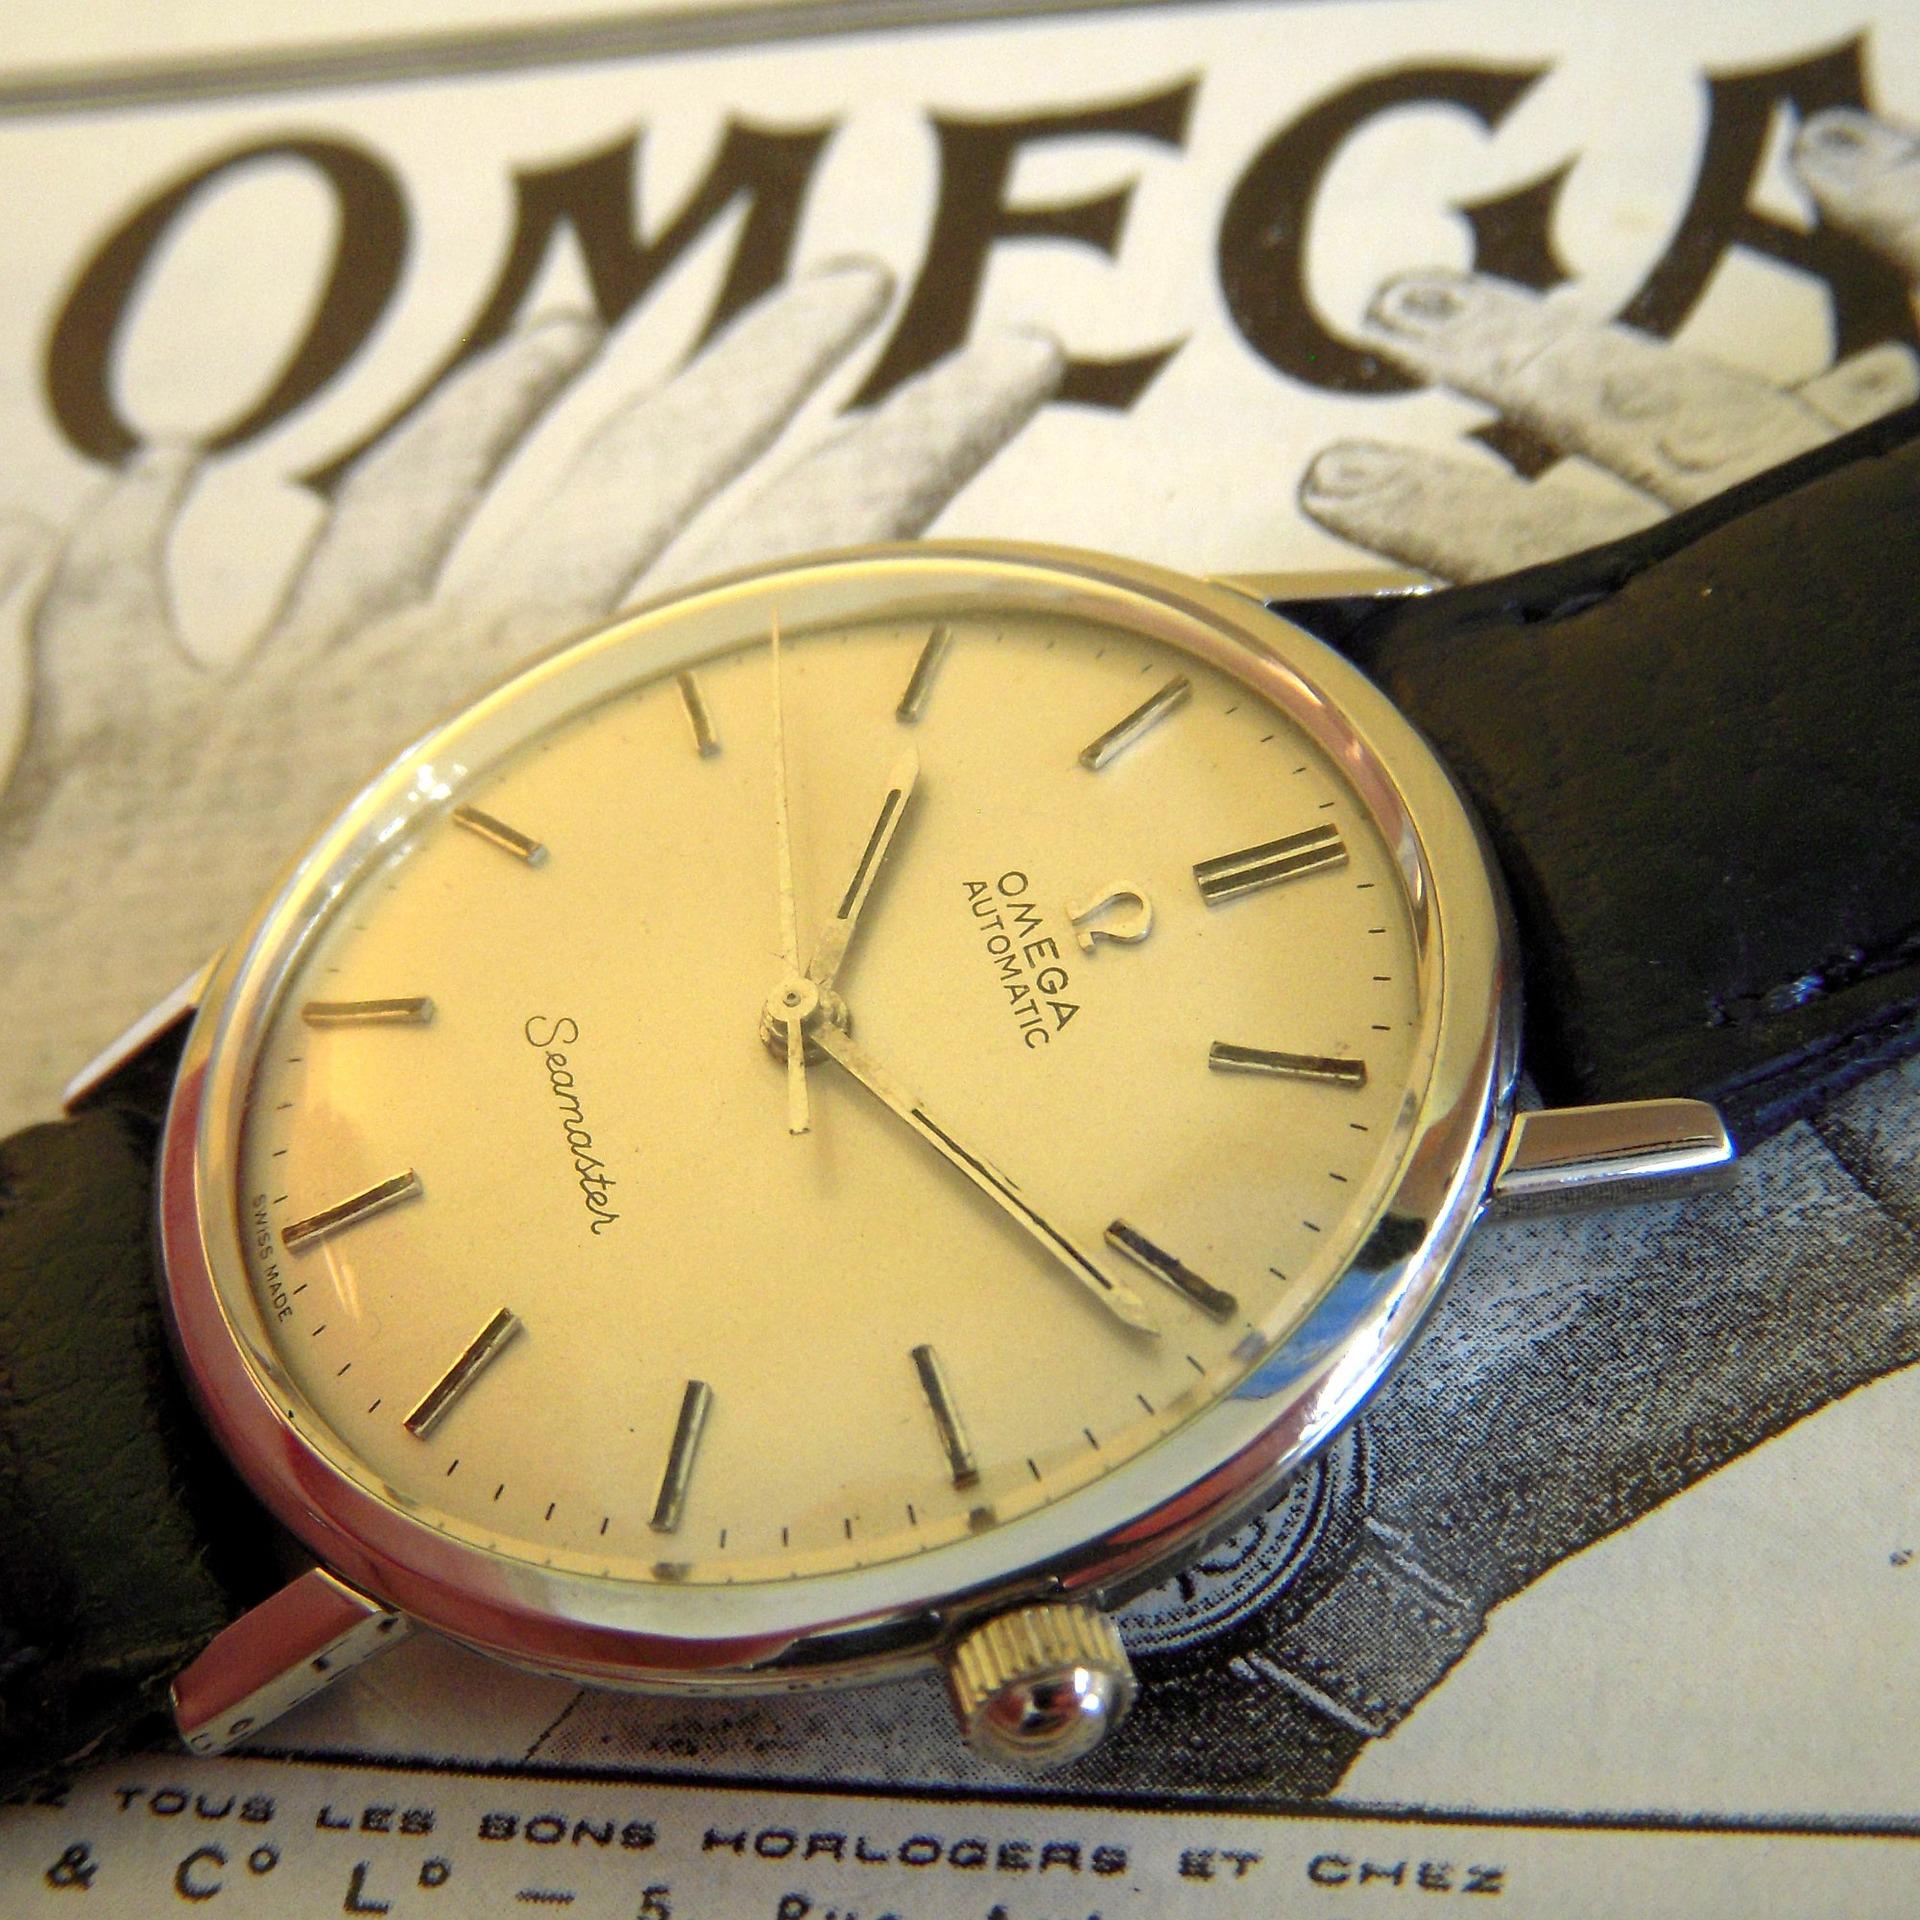 高級腕時計ブランド「OMEGA(オメガ) 」